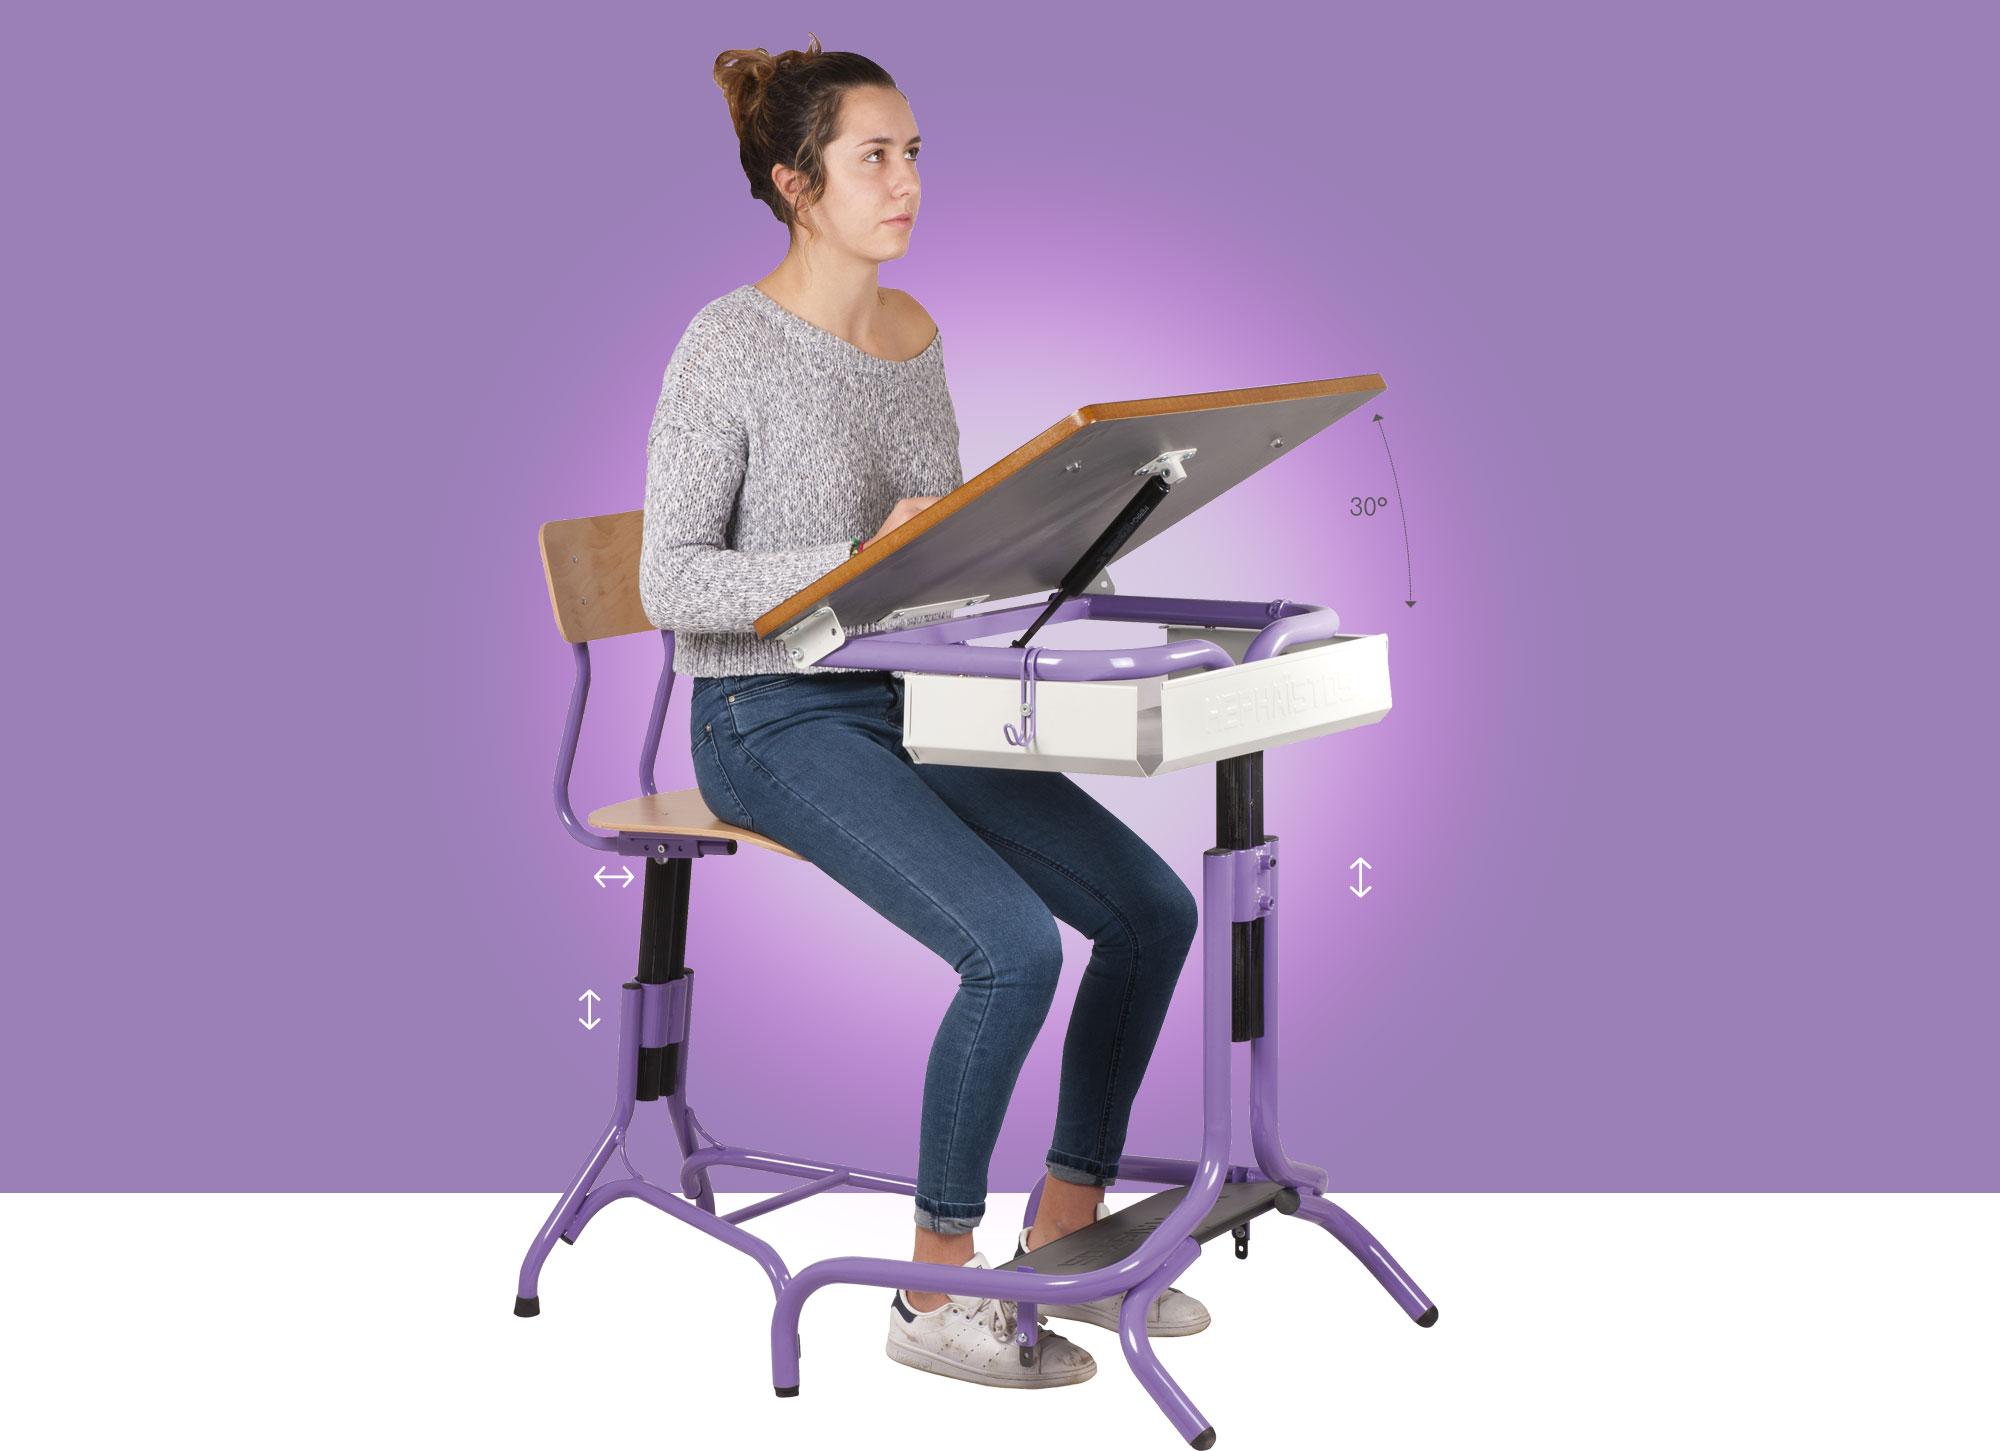 Hephaïstos mobilier ergonomique table individuelle Hergon Dys